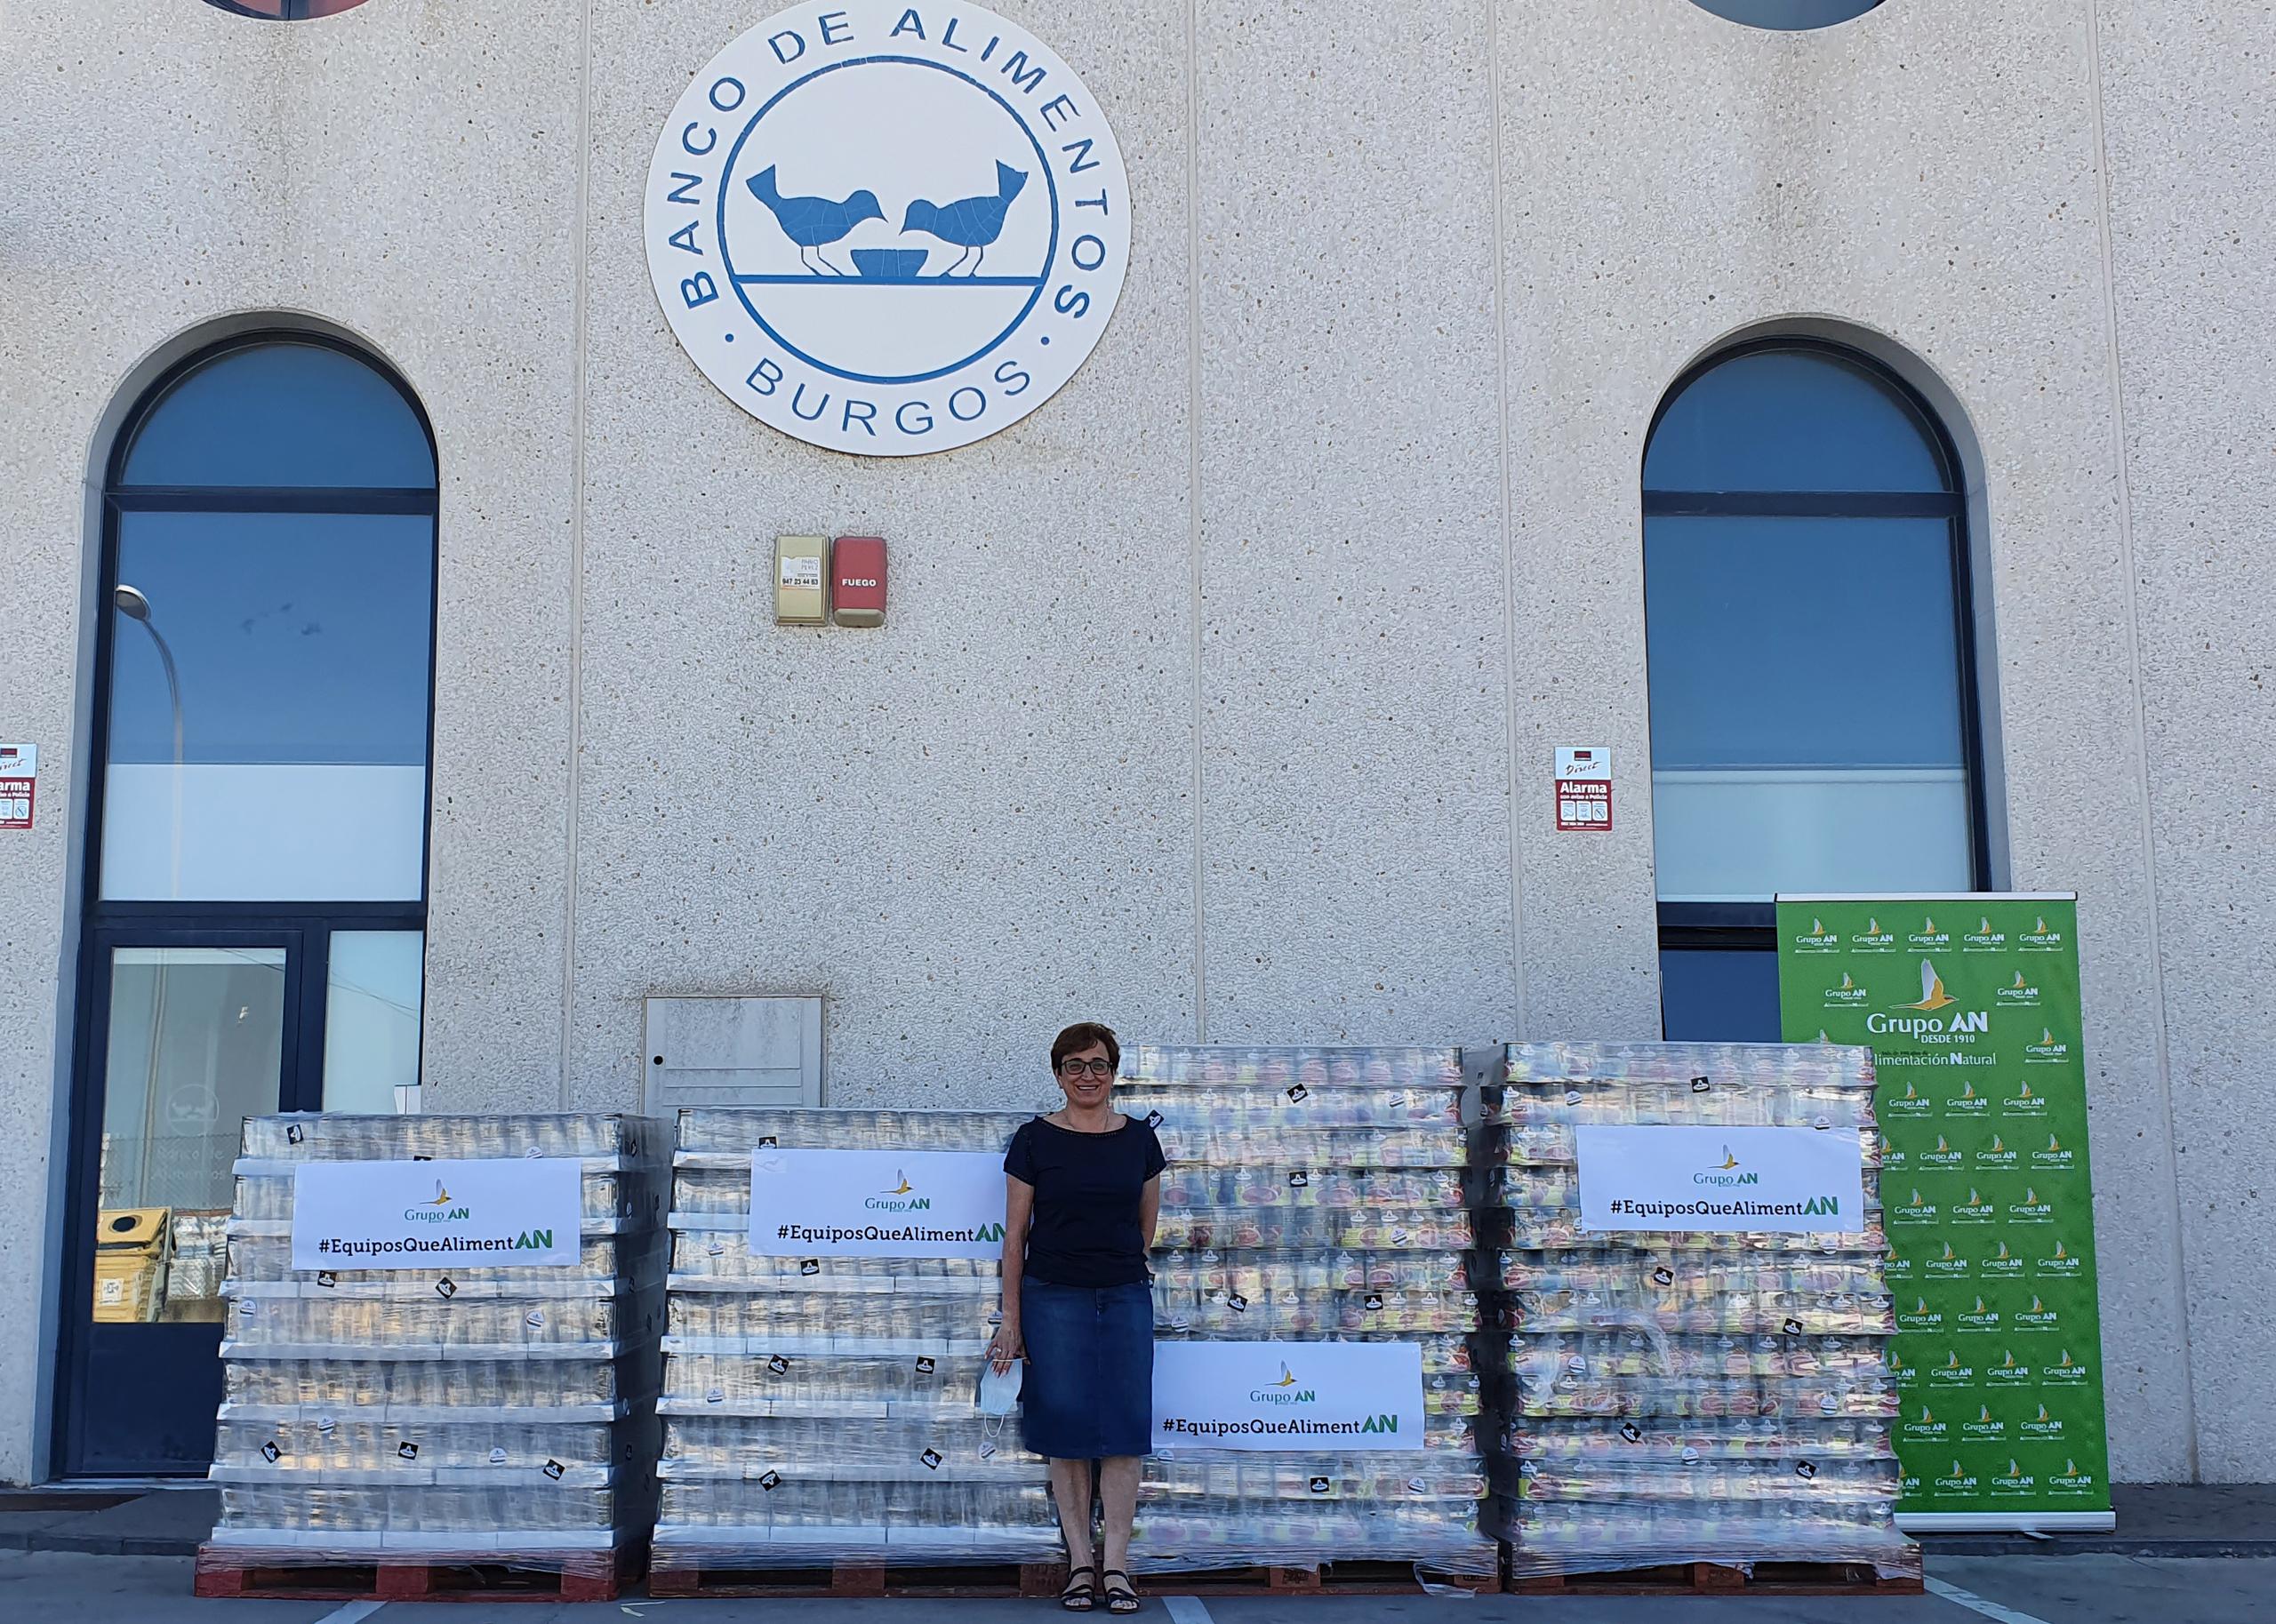 Ana Ruiz, coordinadora Banco Alimentos Burgos, en la entrega del Grupo AN